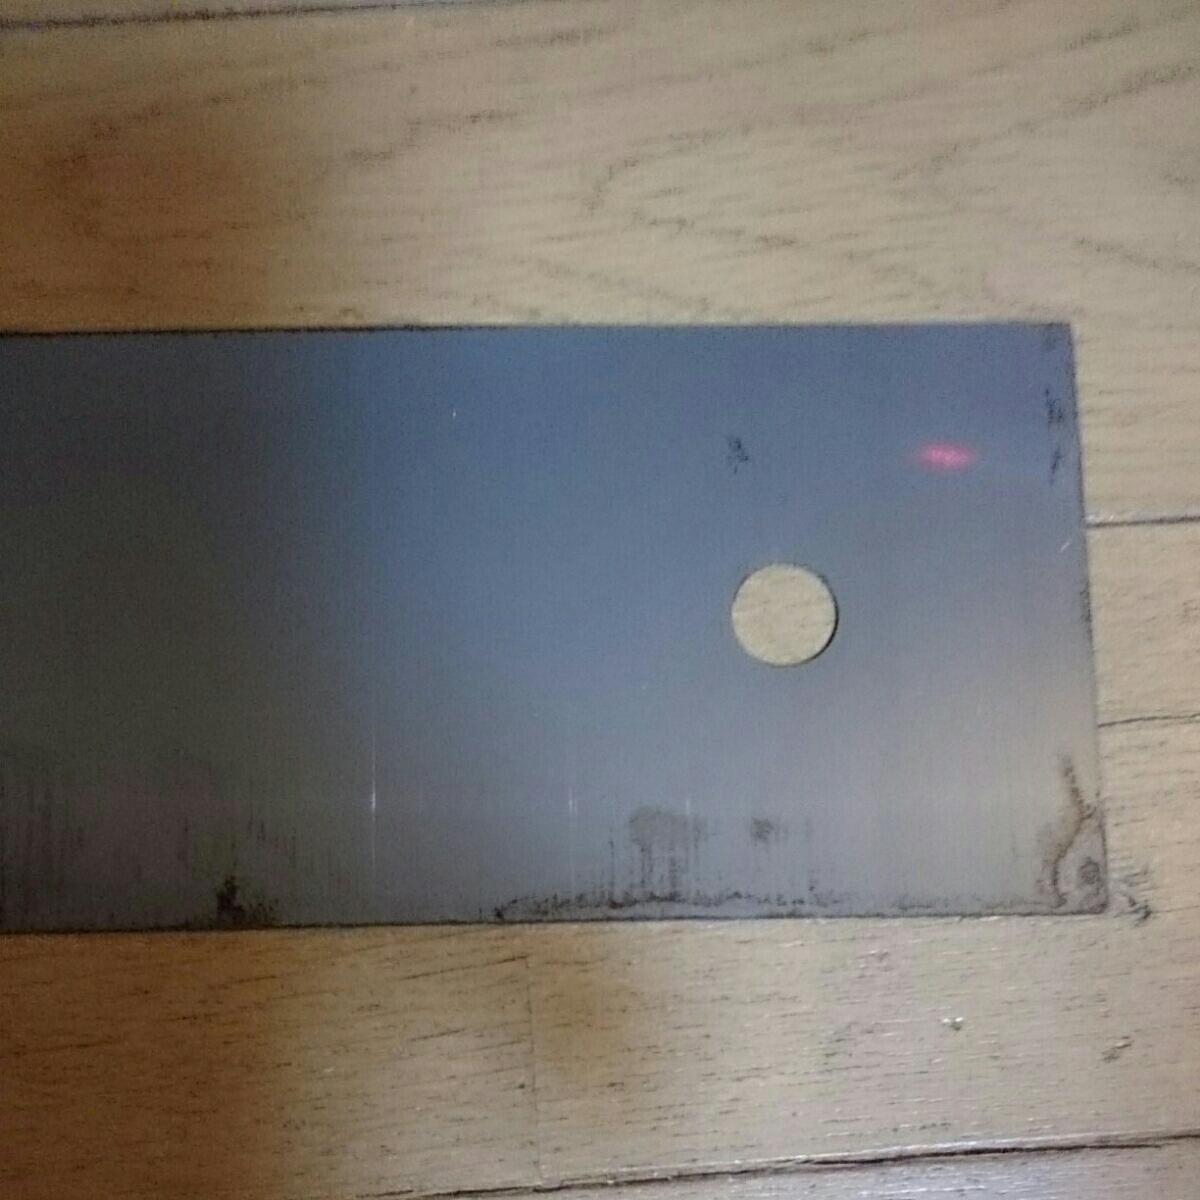 お値打ち鋼材 切板 平鋼 鋼板 鉄板 フラットバー 鉄 補強材 ストッパー 穴明き 薄板t0.5㎜ 長さ約235×75㎜ 新品 作業台 DlY等々に_画像3